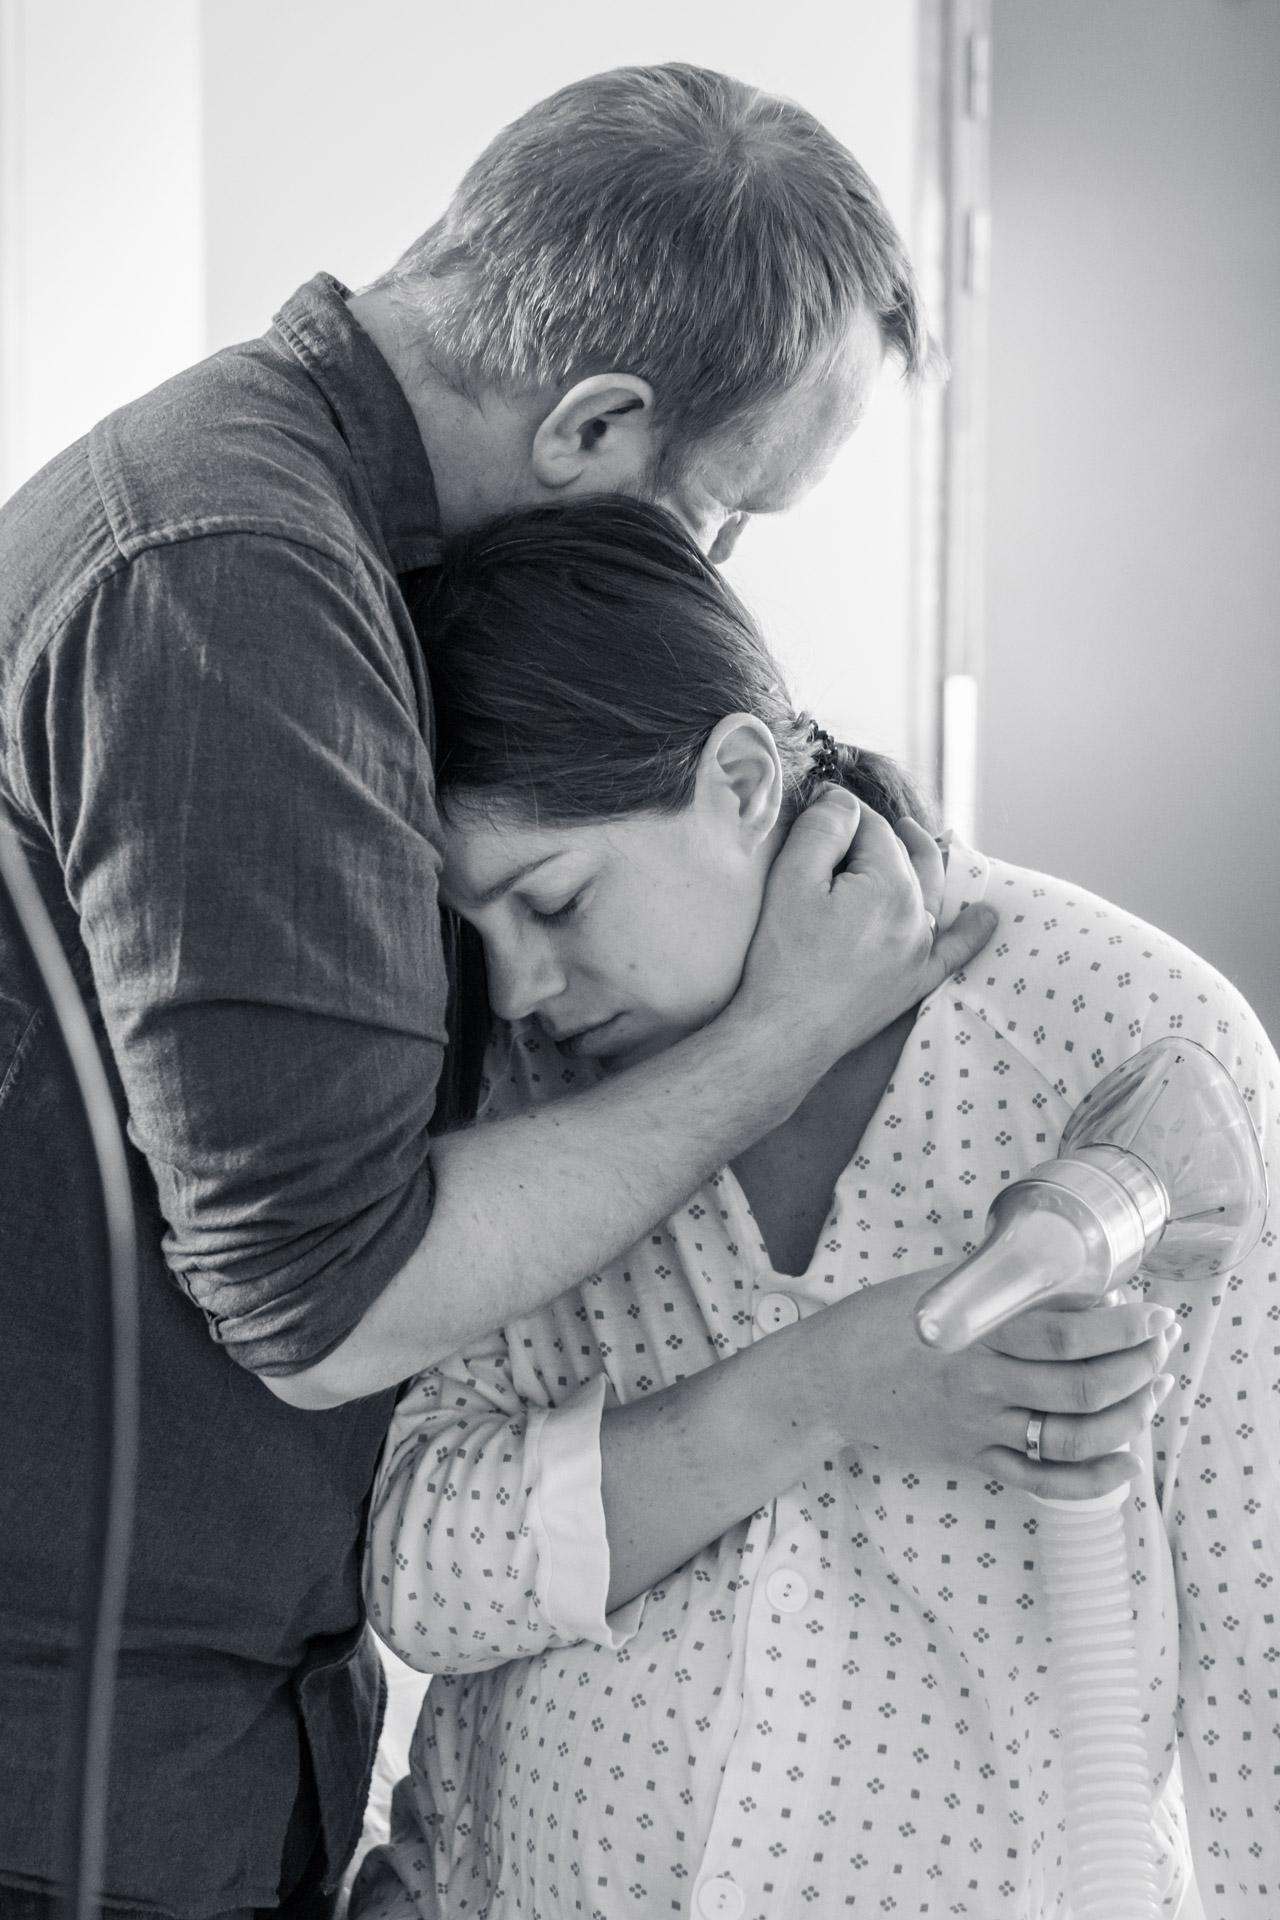 Mann holder omkring sin fødende kone. Hun holder lystgassen i hånda, og hviler hodet mot hans skulder.